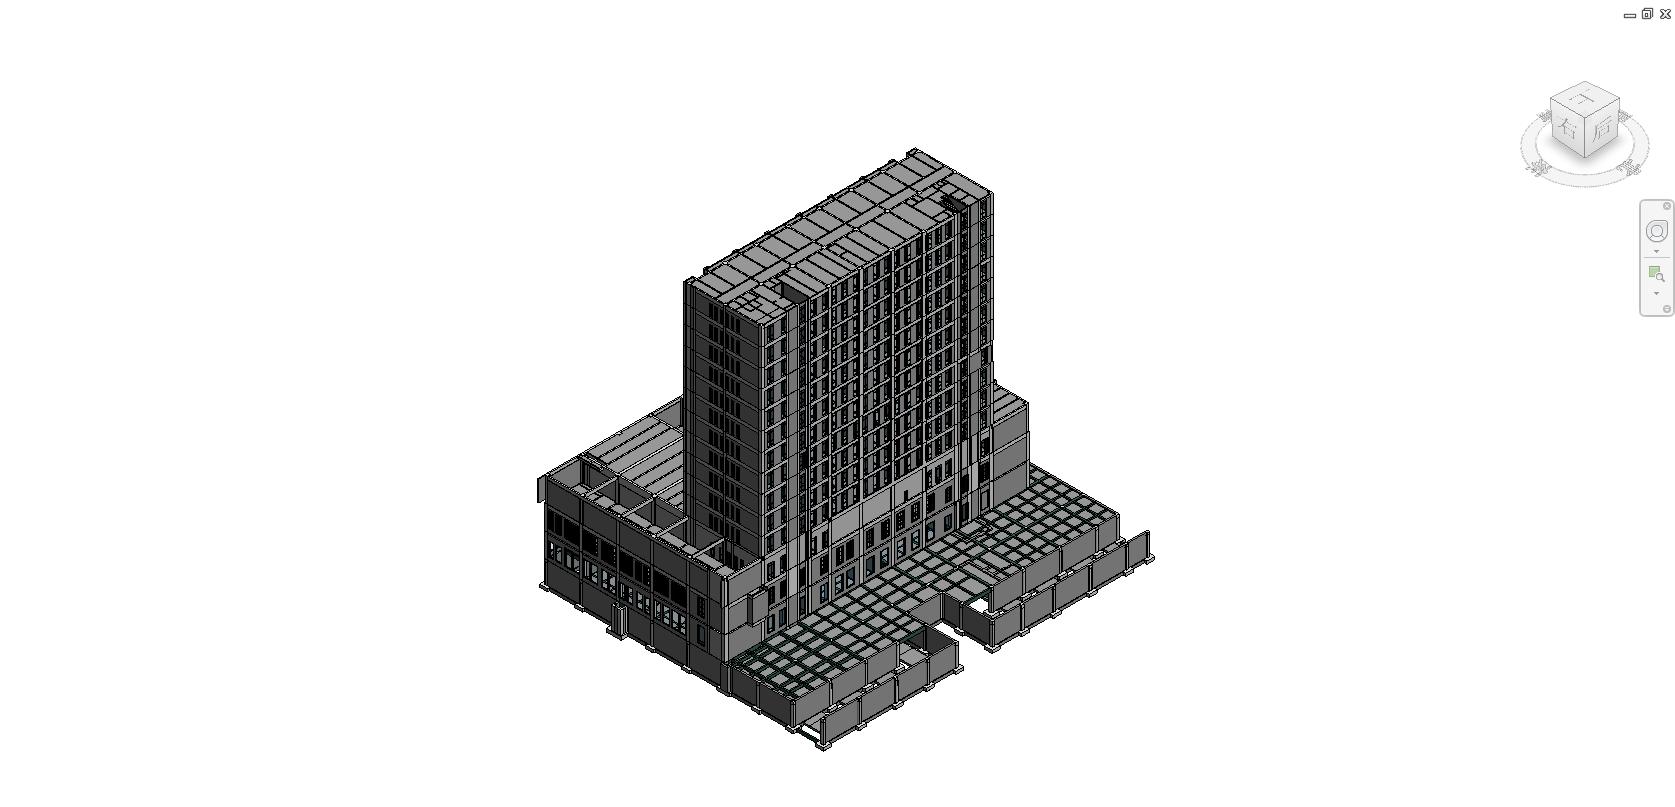 1557926763(1).jpg